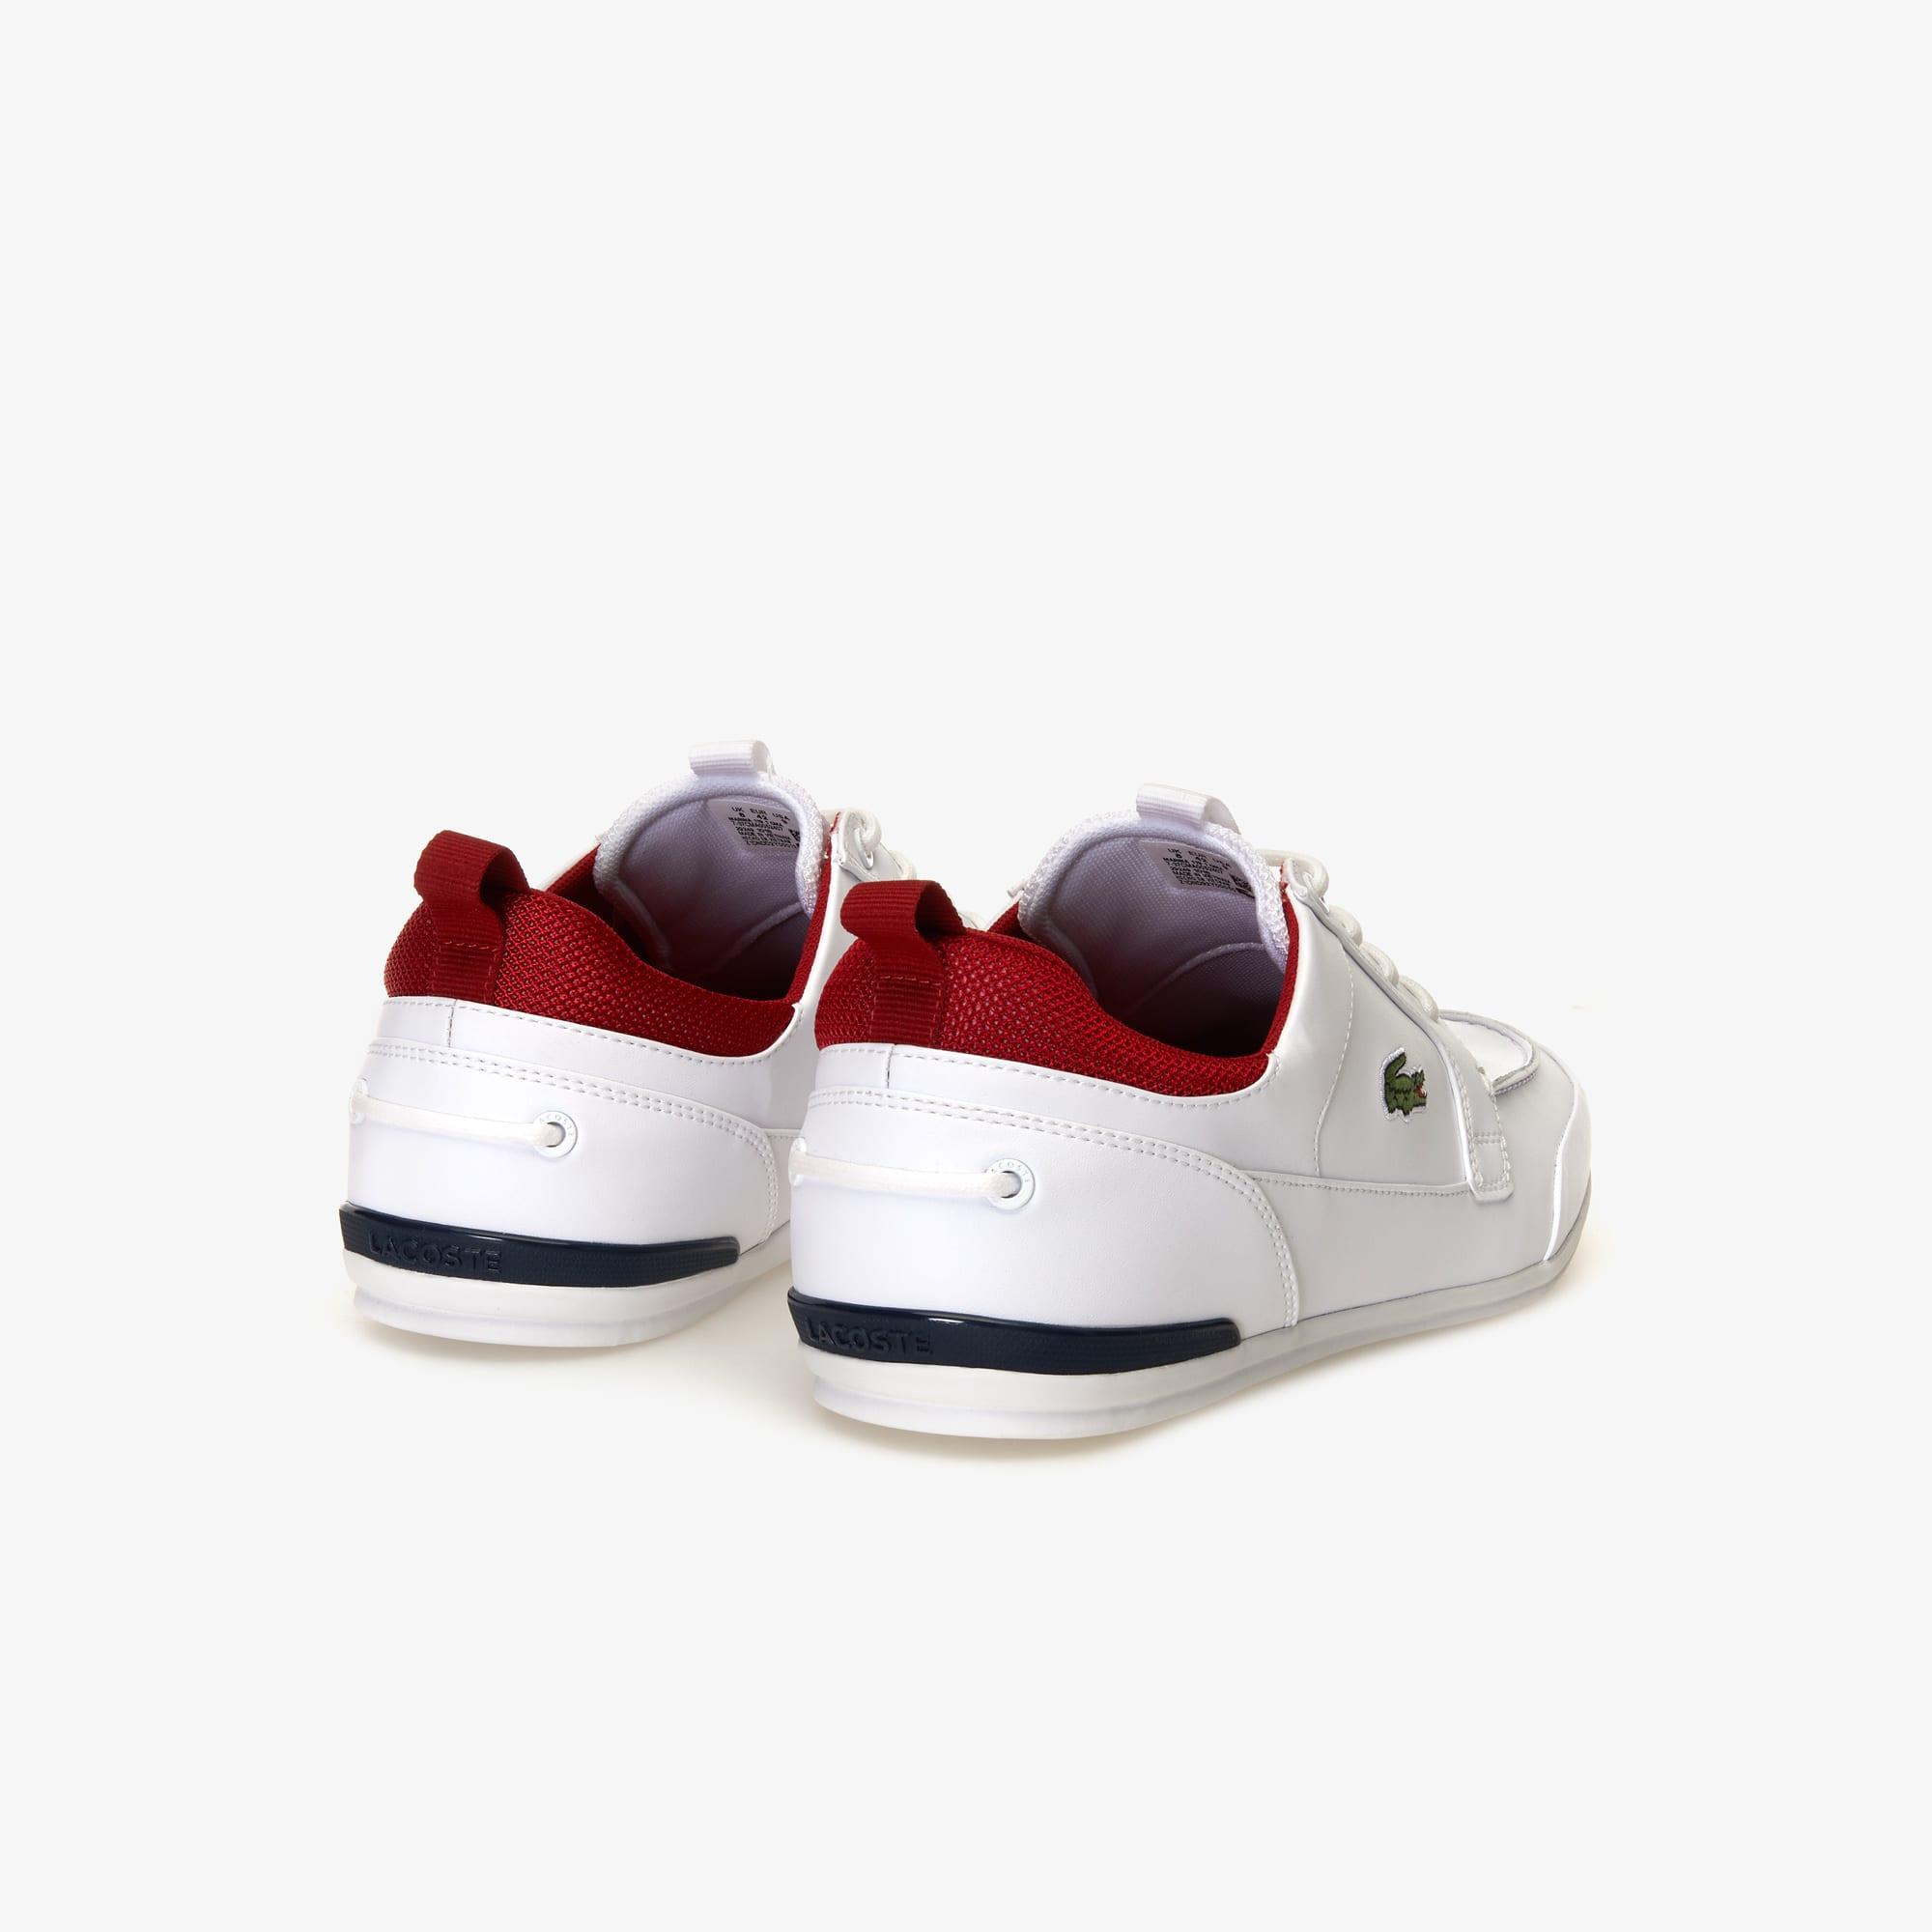 a3cbefef81 Chaussures Cuir Et Bateau Marina Lacoste Textile En Homme ZpgZrnq1